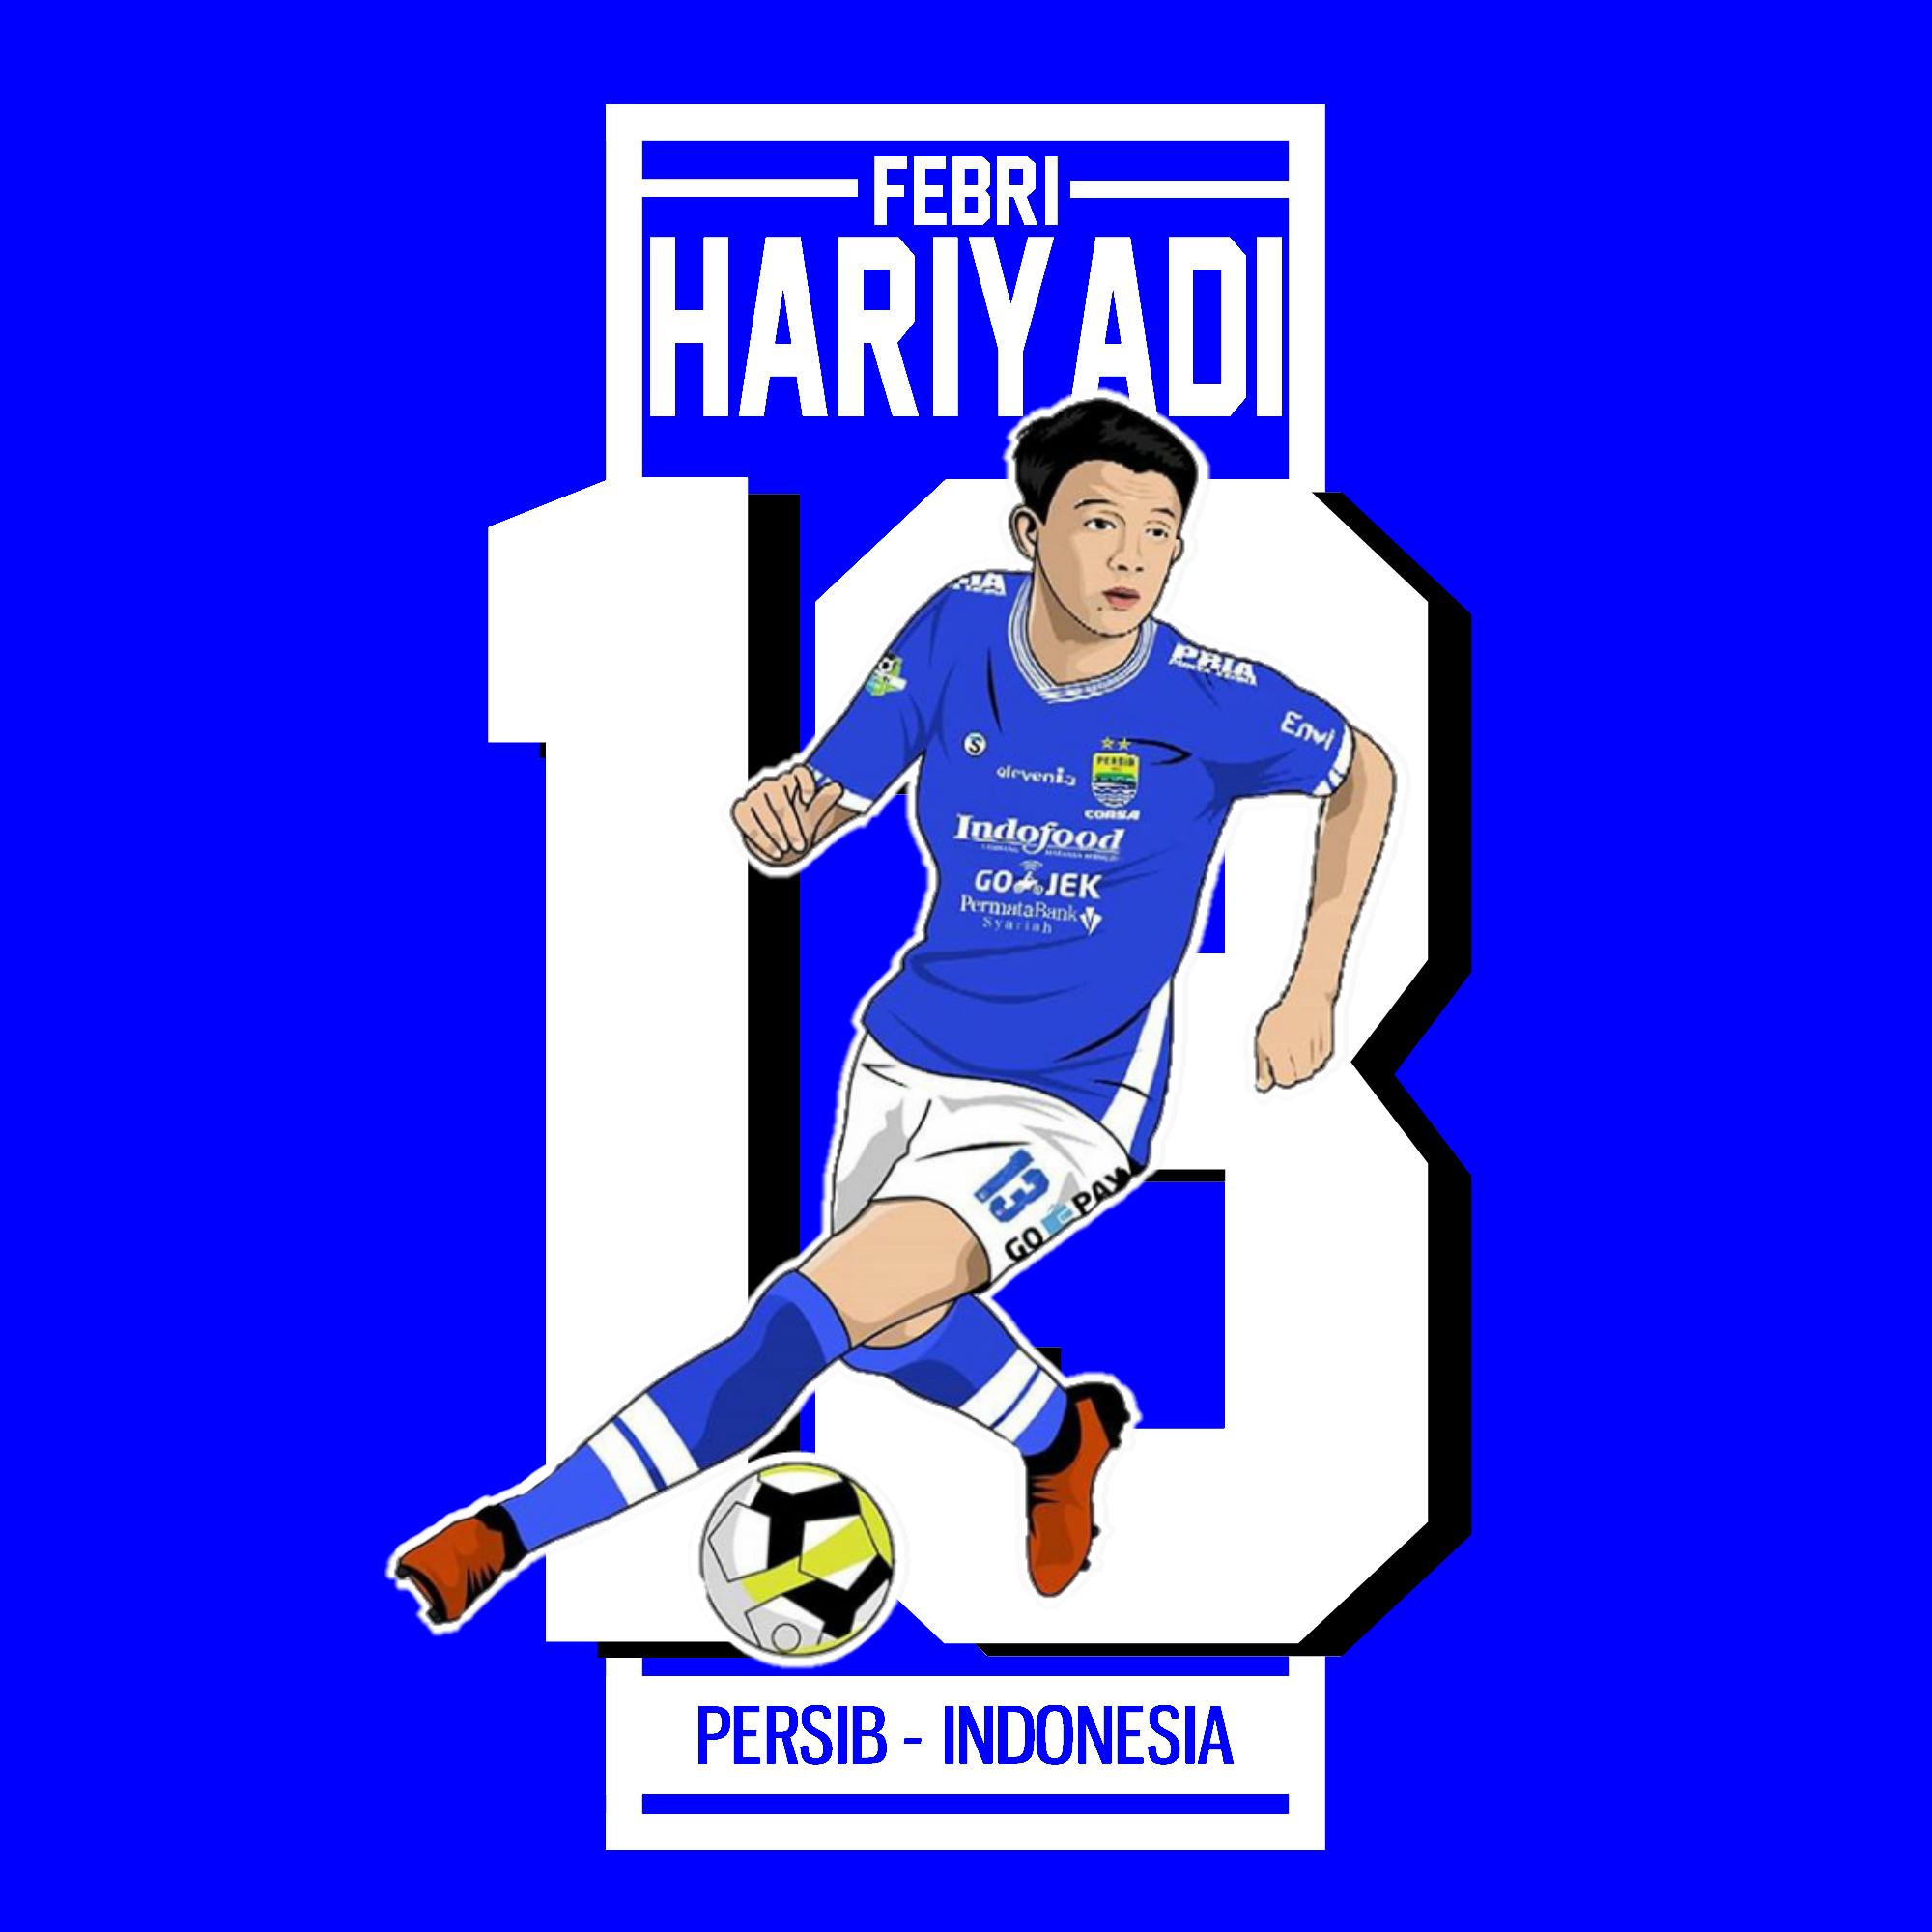 Wallpaper Febri Bow Hariyadi Blue Theme Gambar Sepak Bola Olahraga Pemain Sepak Bola